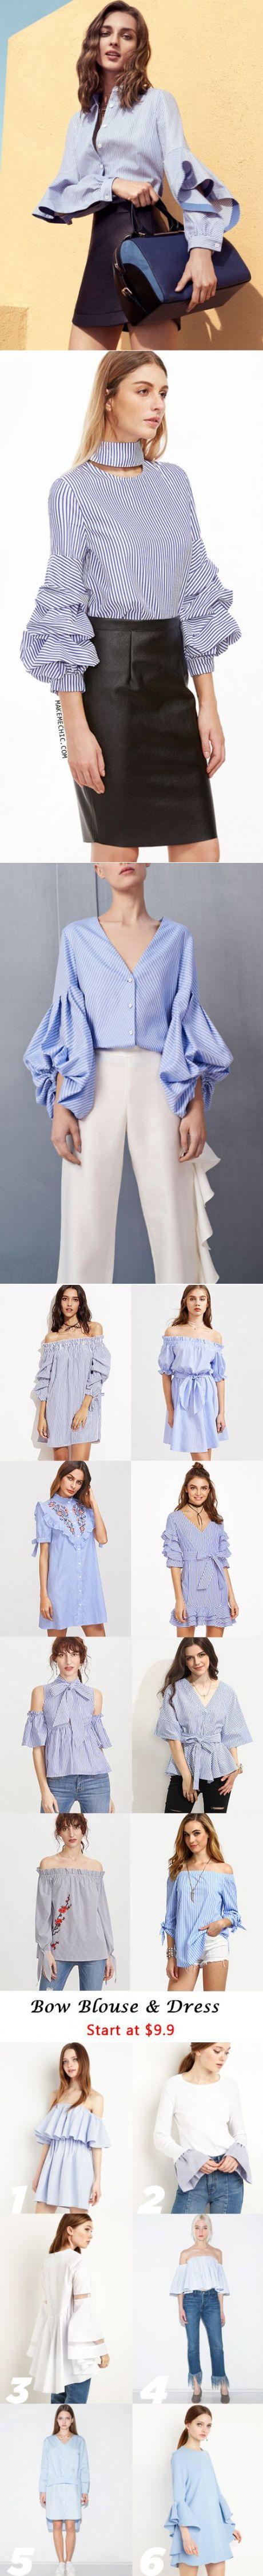 4 интересных варианта переделки мужской рубашки в блузку или платье 99